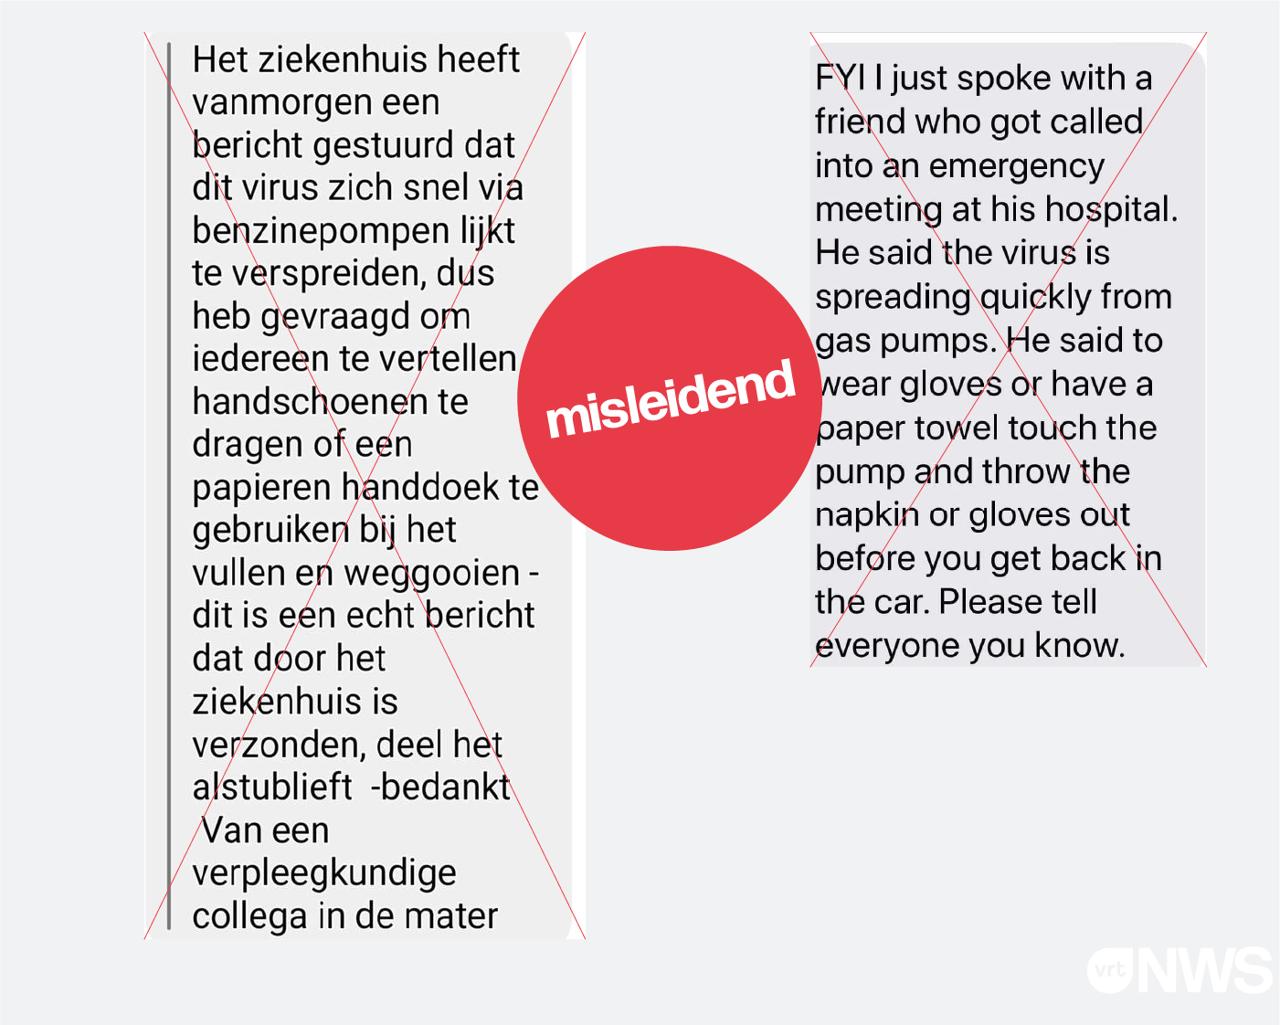 Een screenshot van een Nederlandstalig en Engelstalig bericht waarbij men beweert dat het coronavirus zich razendsnel aan het verspreiden is via tankstations. Dit bevat misleidende informatie.